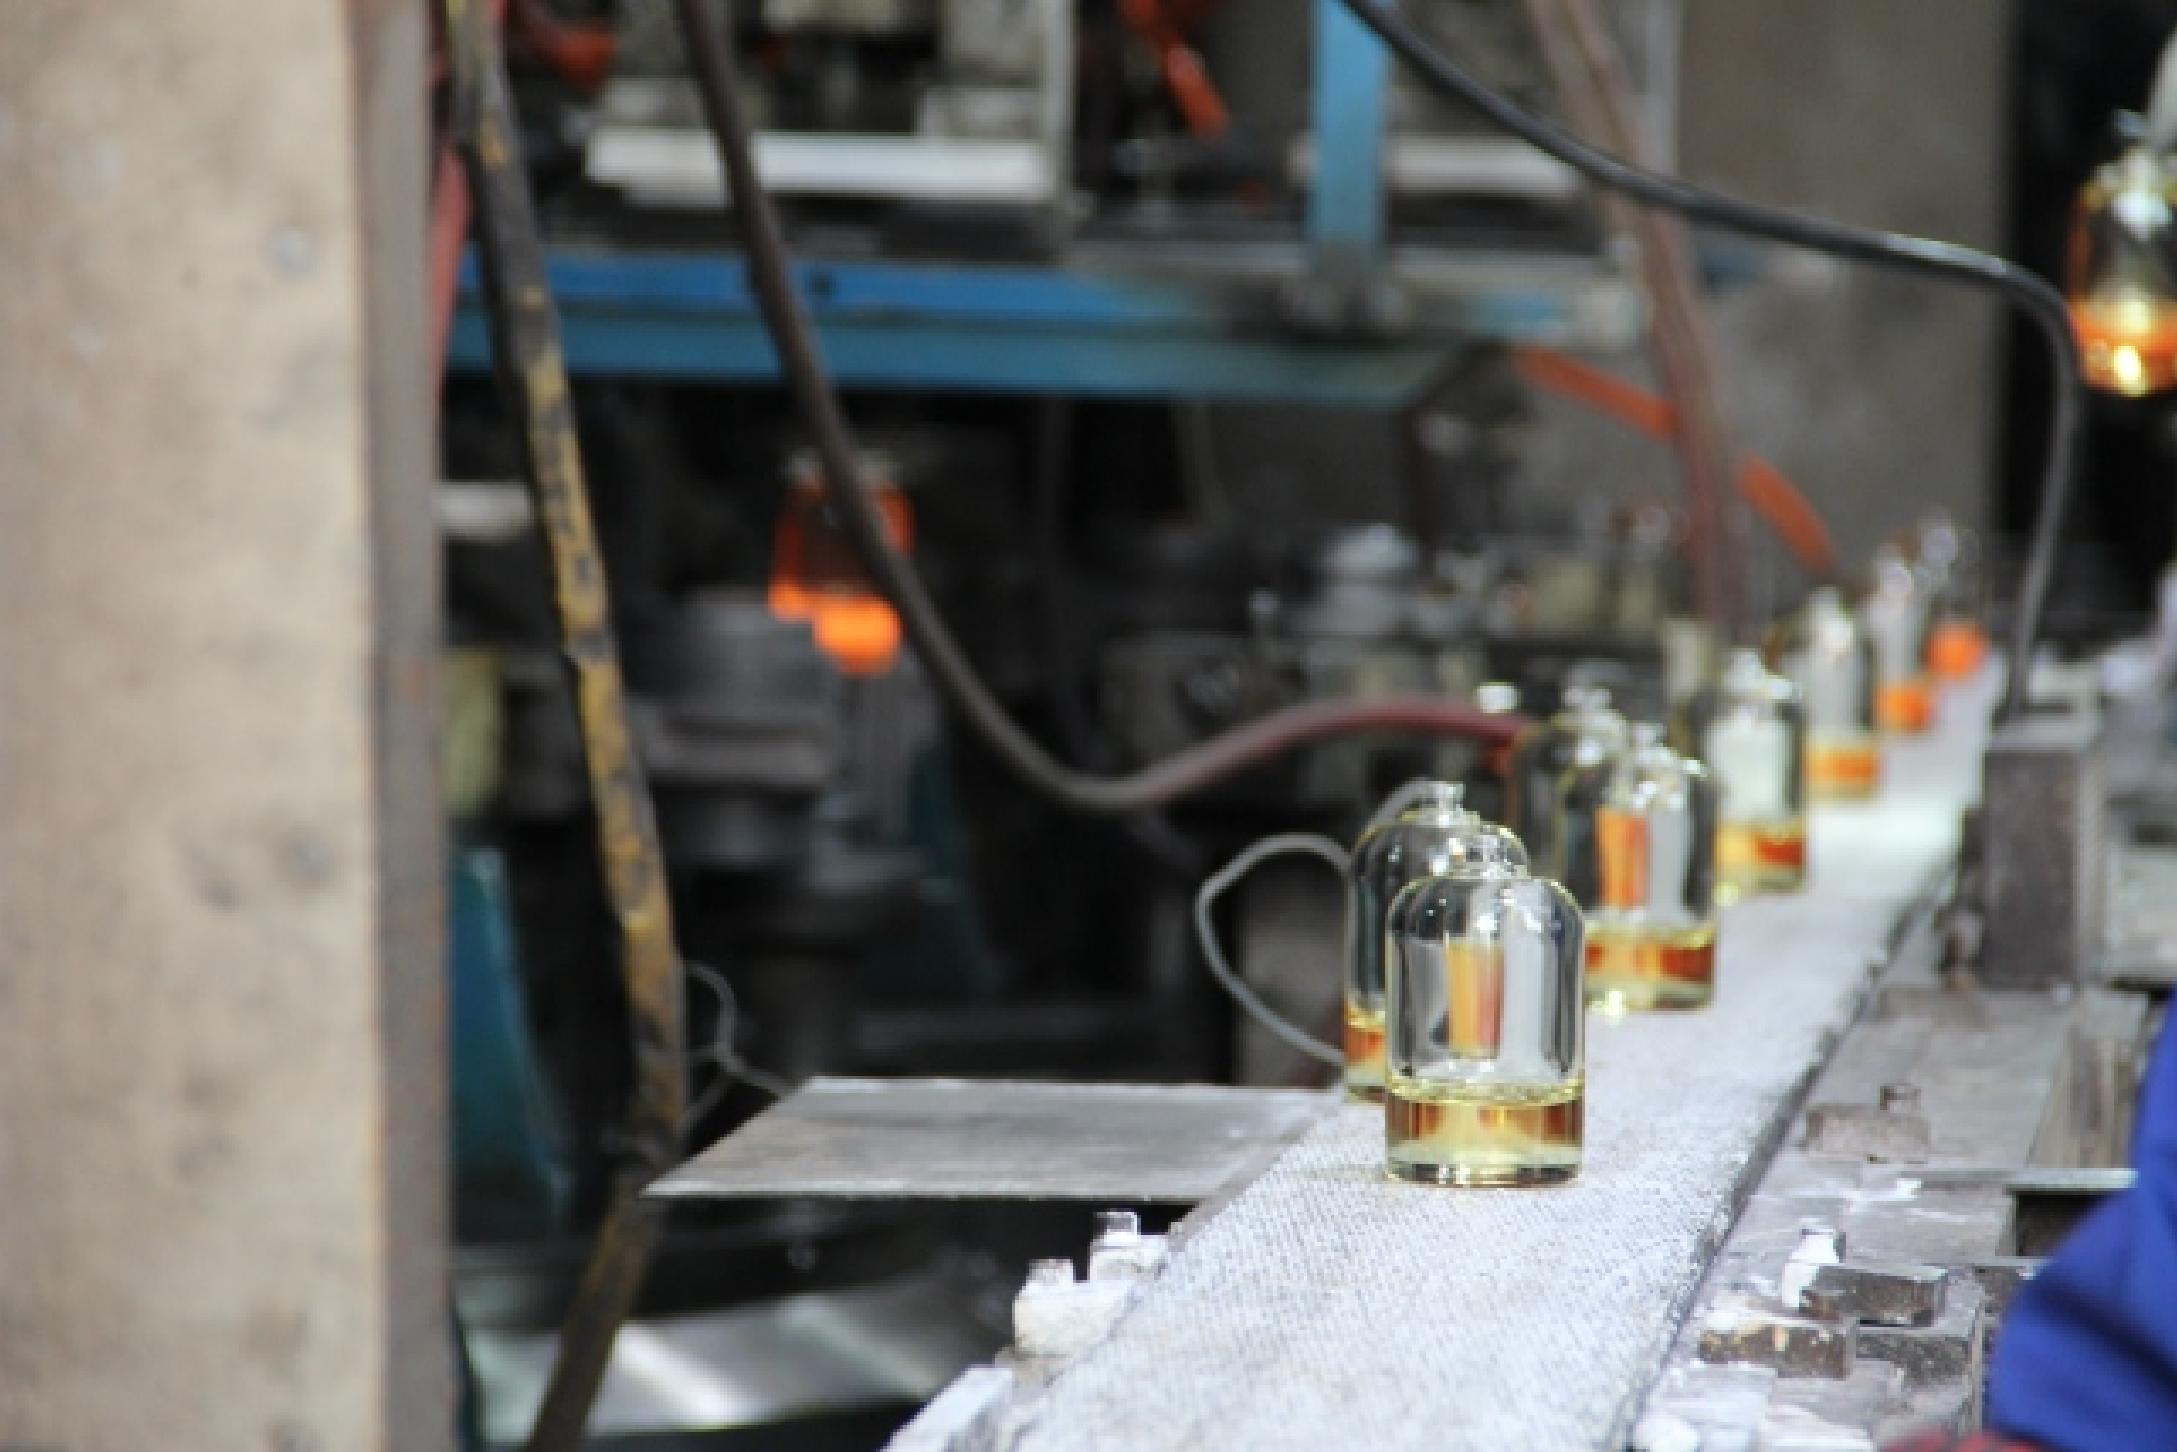 كيفية تحسين تلدين زجاجة عطر زجاجية؟